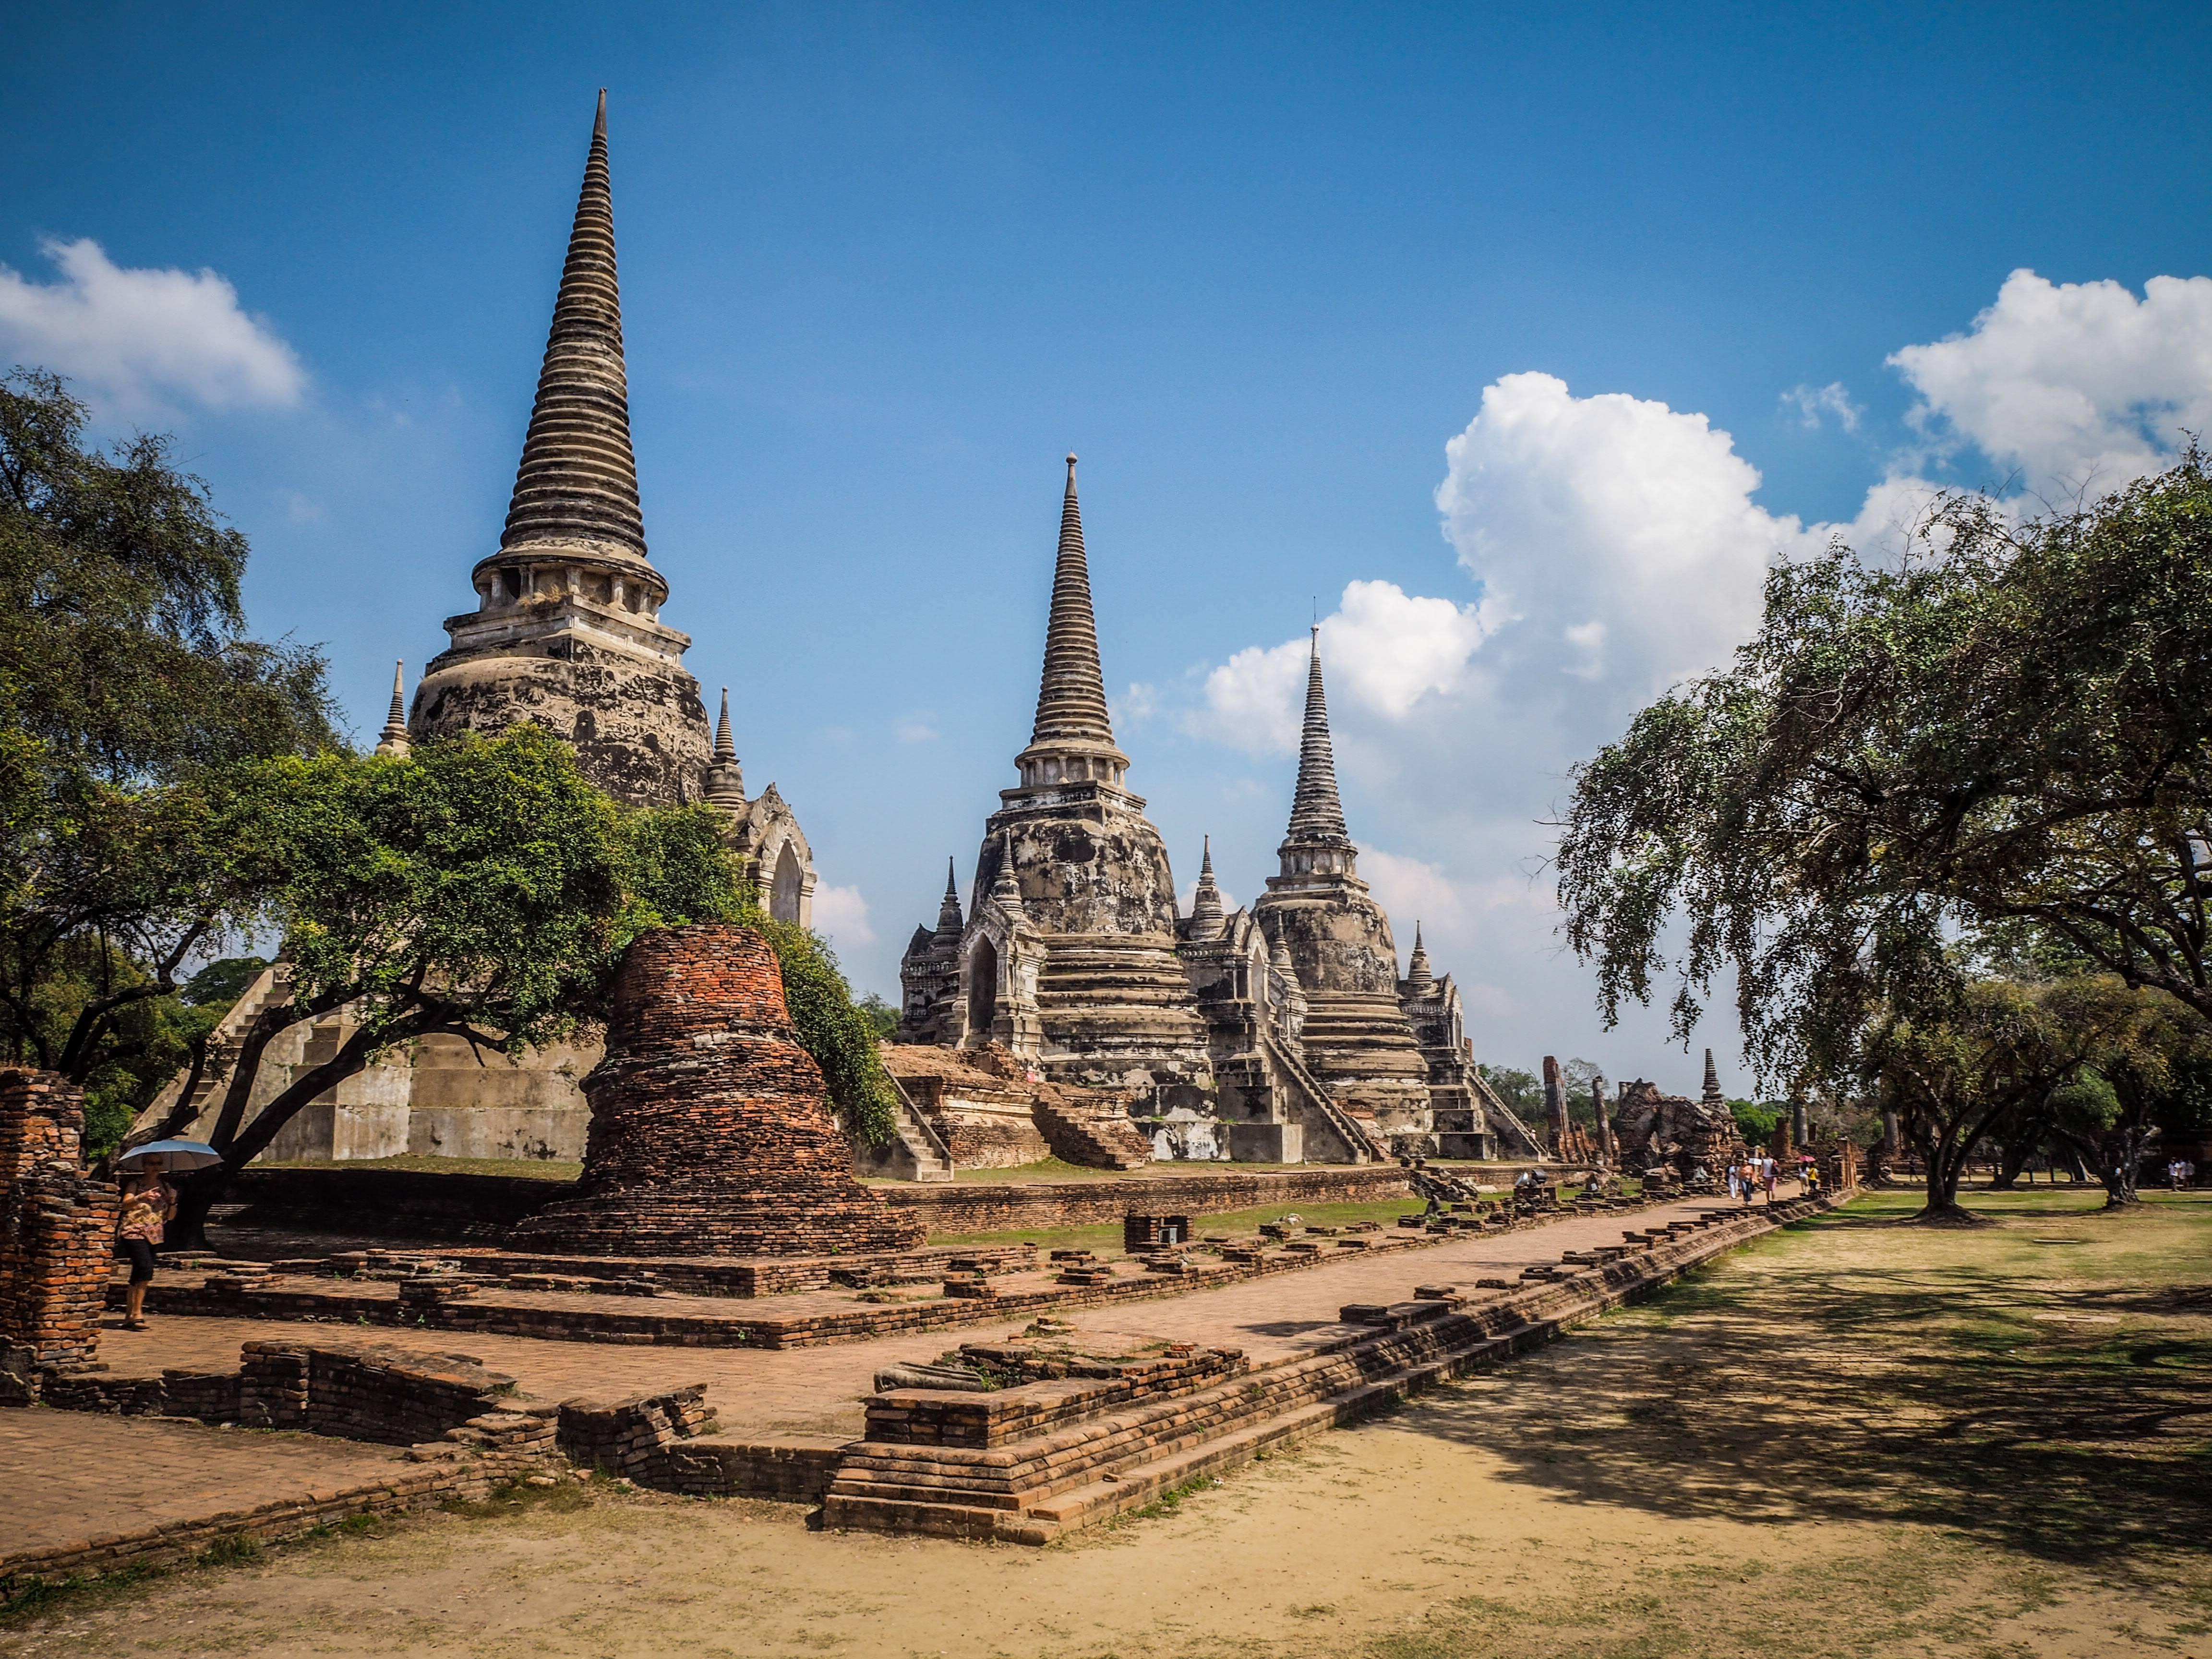 Photo 2: Flâner parmi les Temples d'Ayutthaya -Thailande